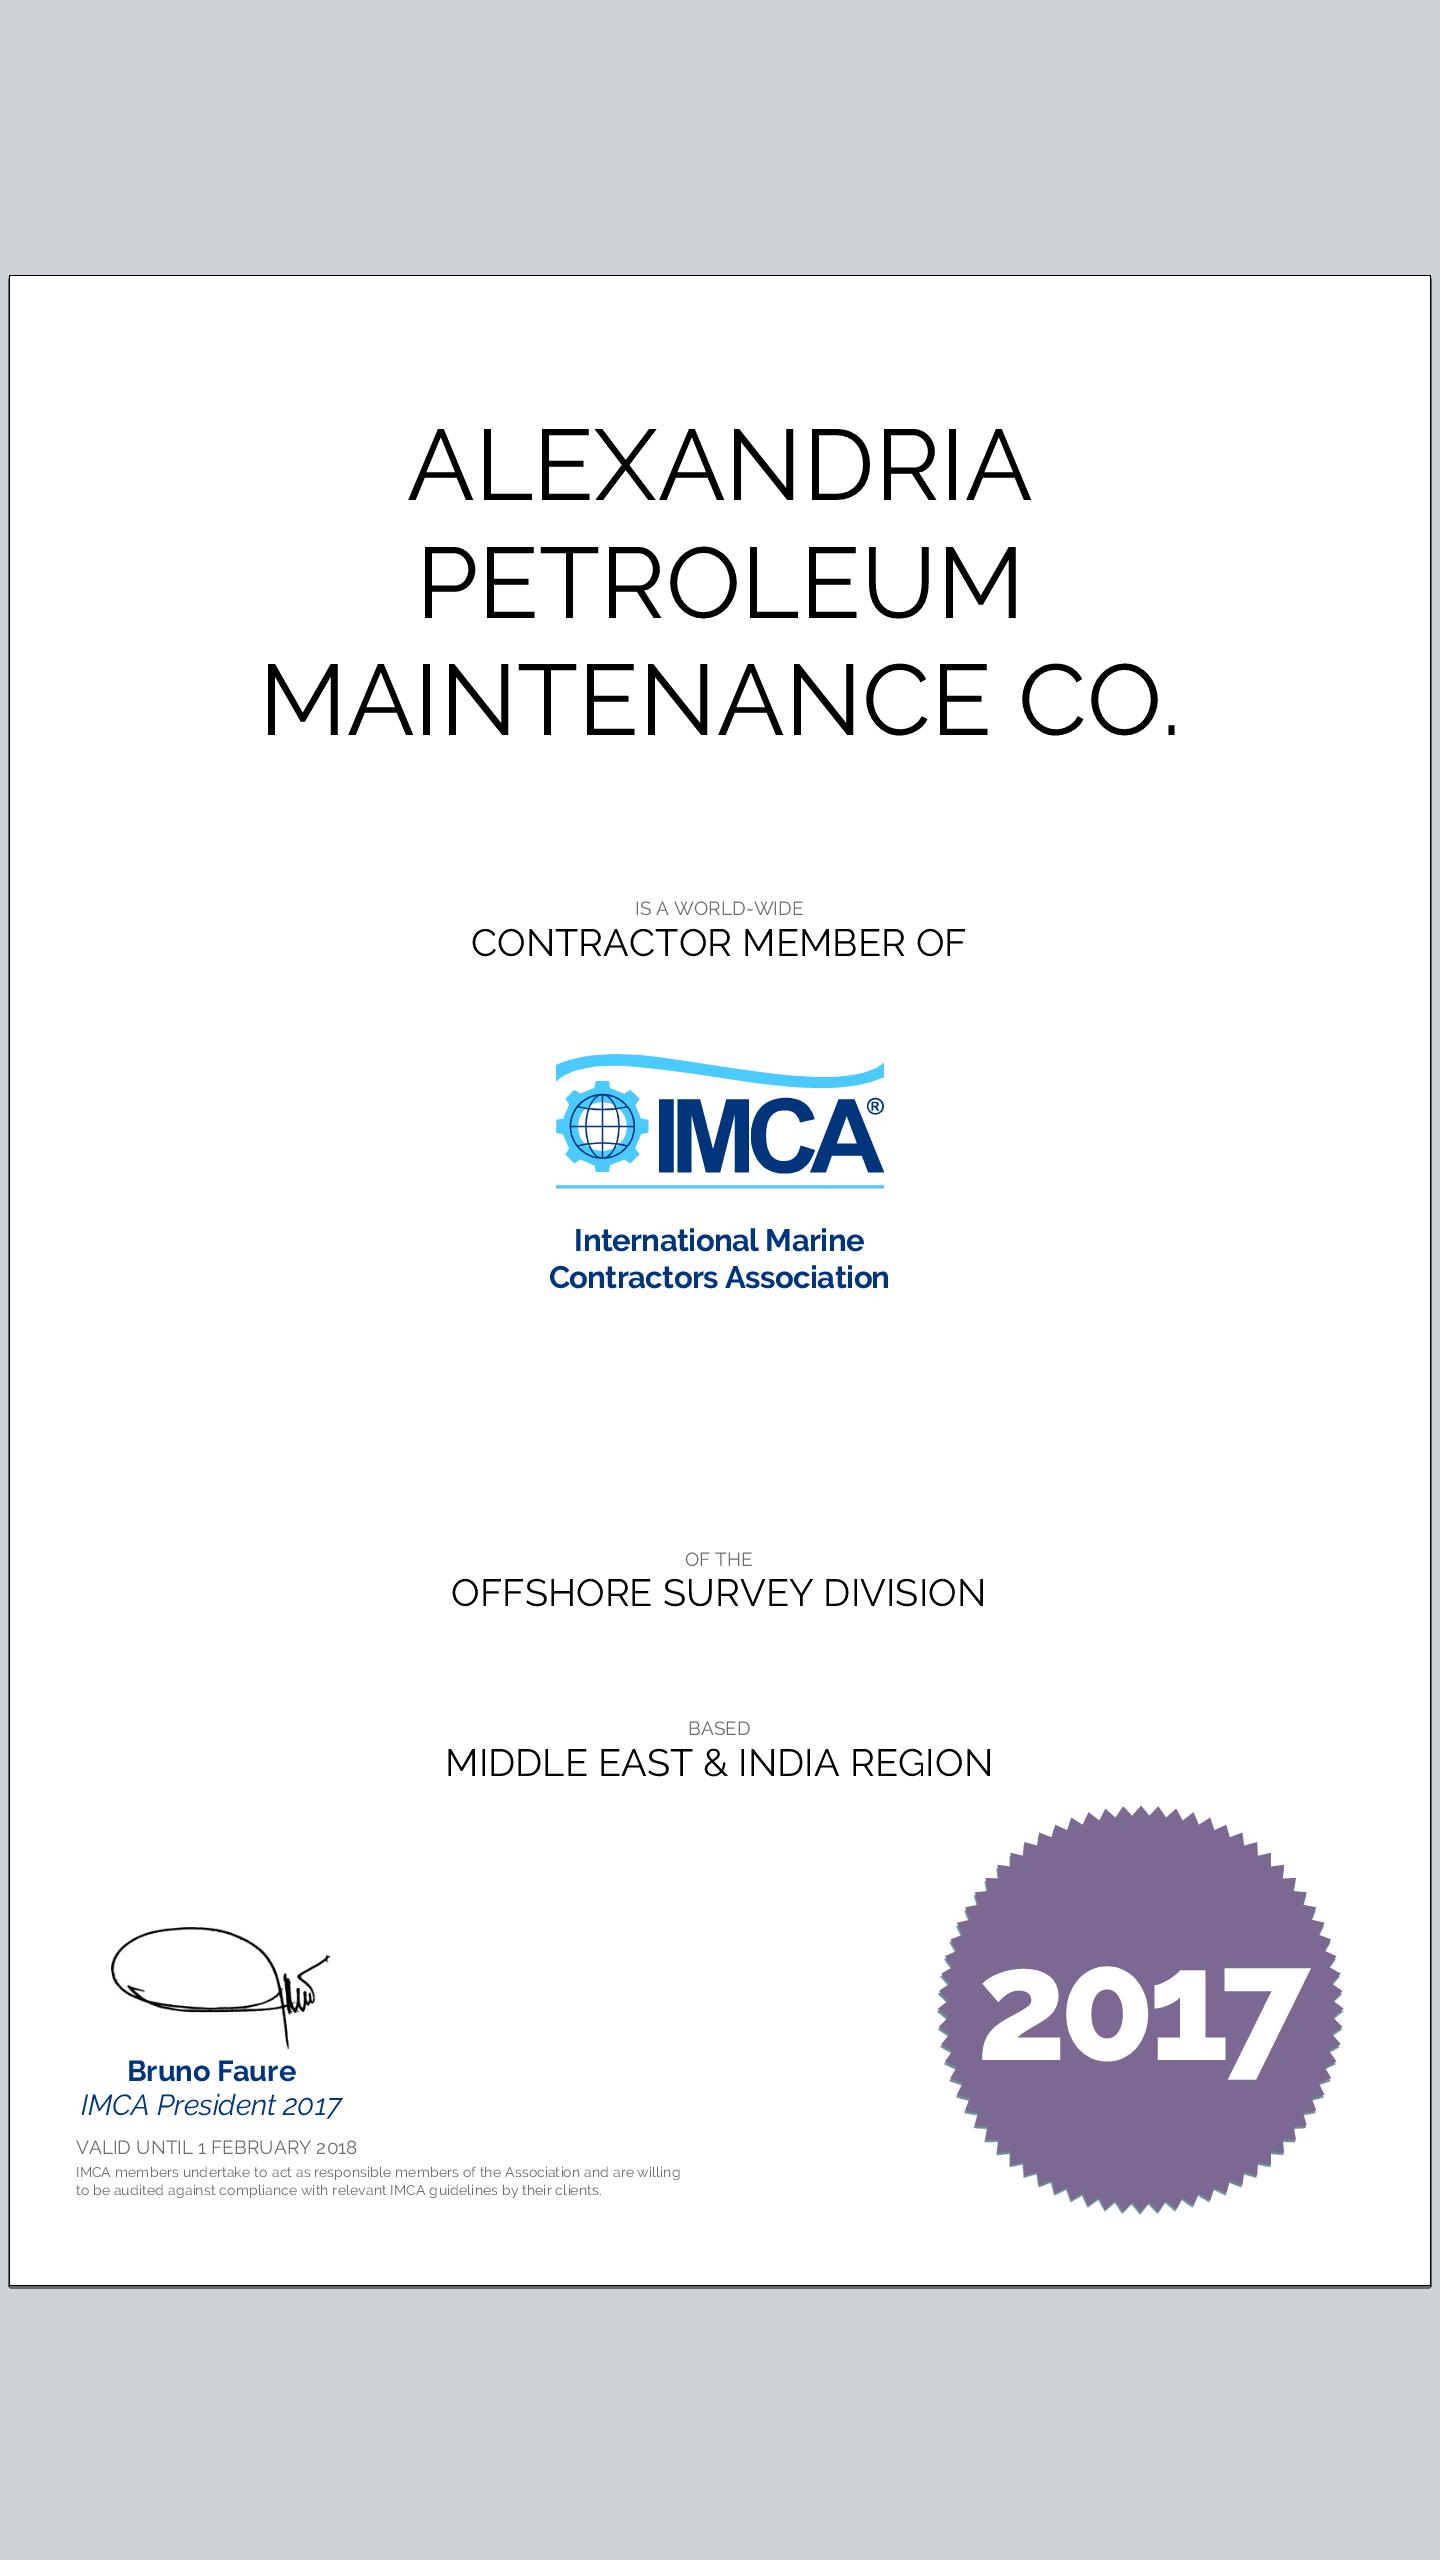 بترومنت تنضم لعضوية  الرابطة الدولية للمقاولين البحريين  IMCA مع 1000 شركة على مستوى العالم